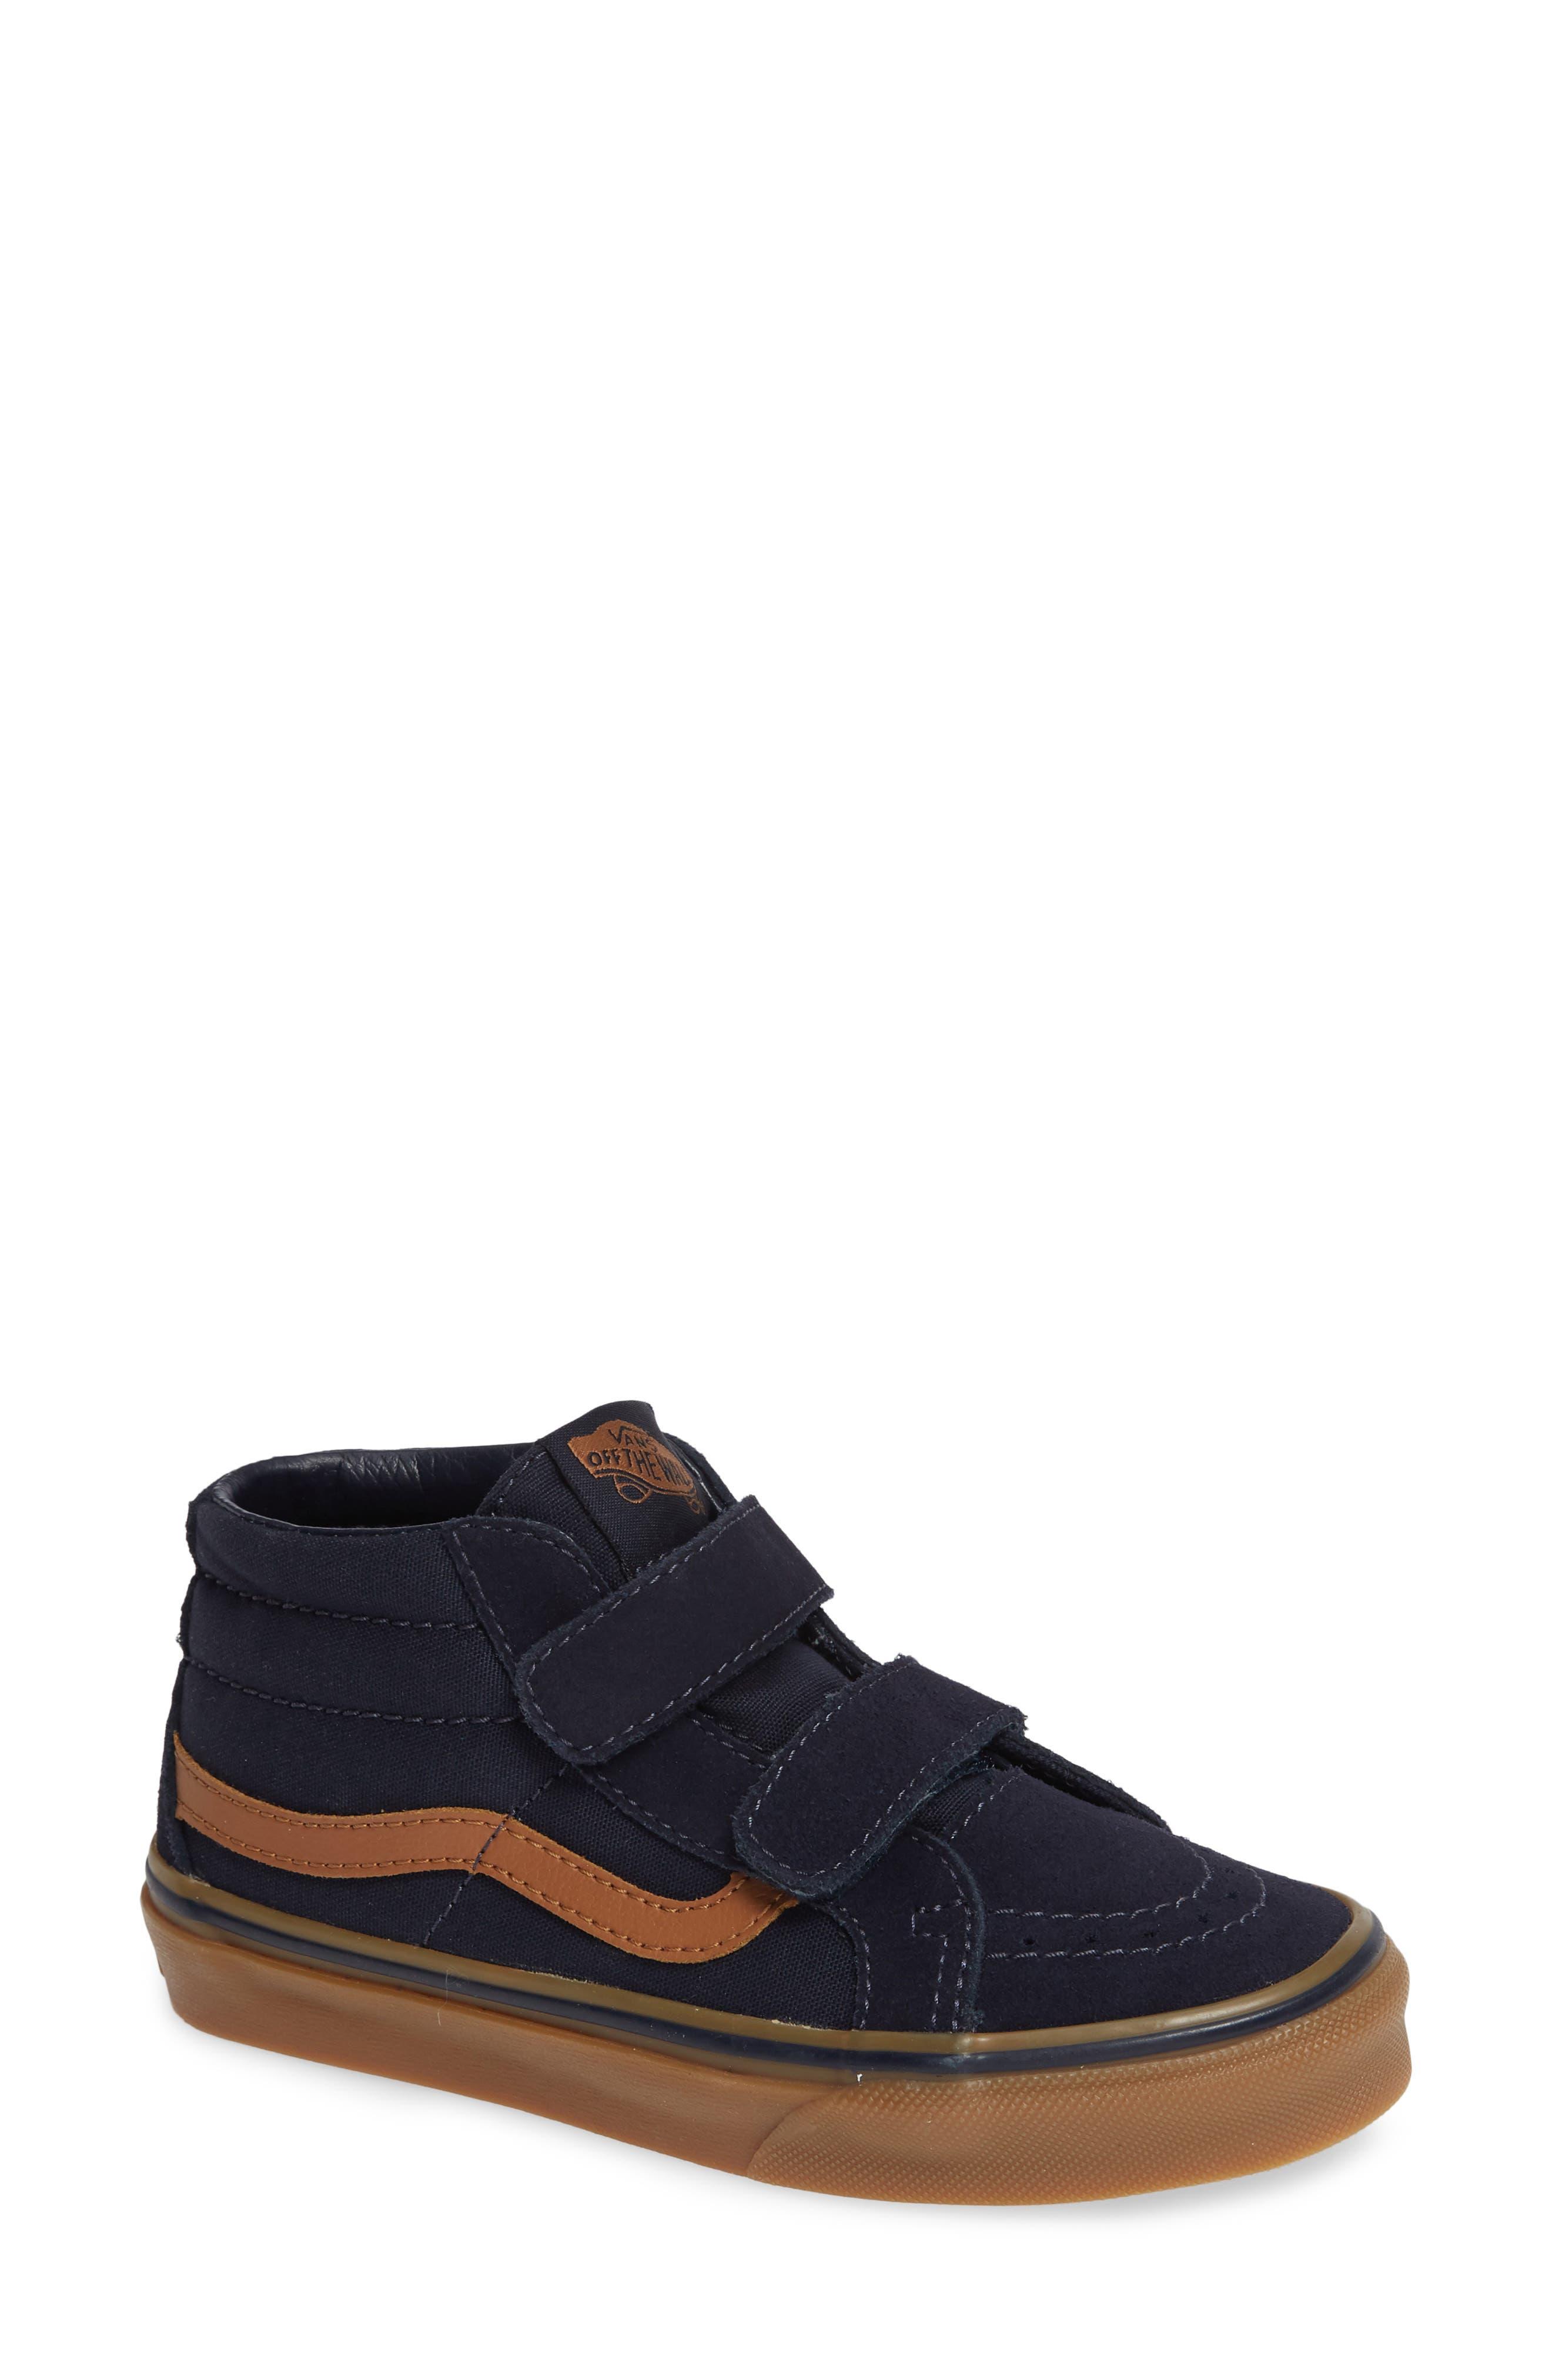 Sk8-Mid Reissue V Sneaker,                         Main,                         color, SKY CAPTAIN/ GUM